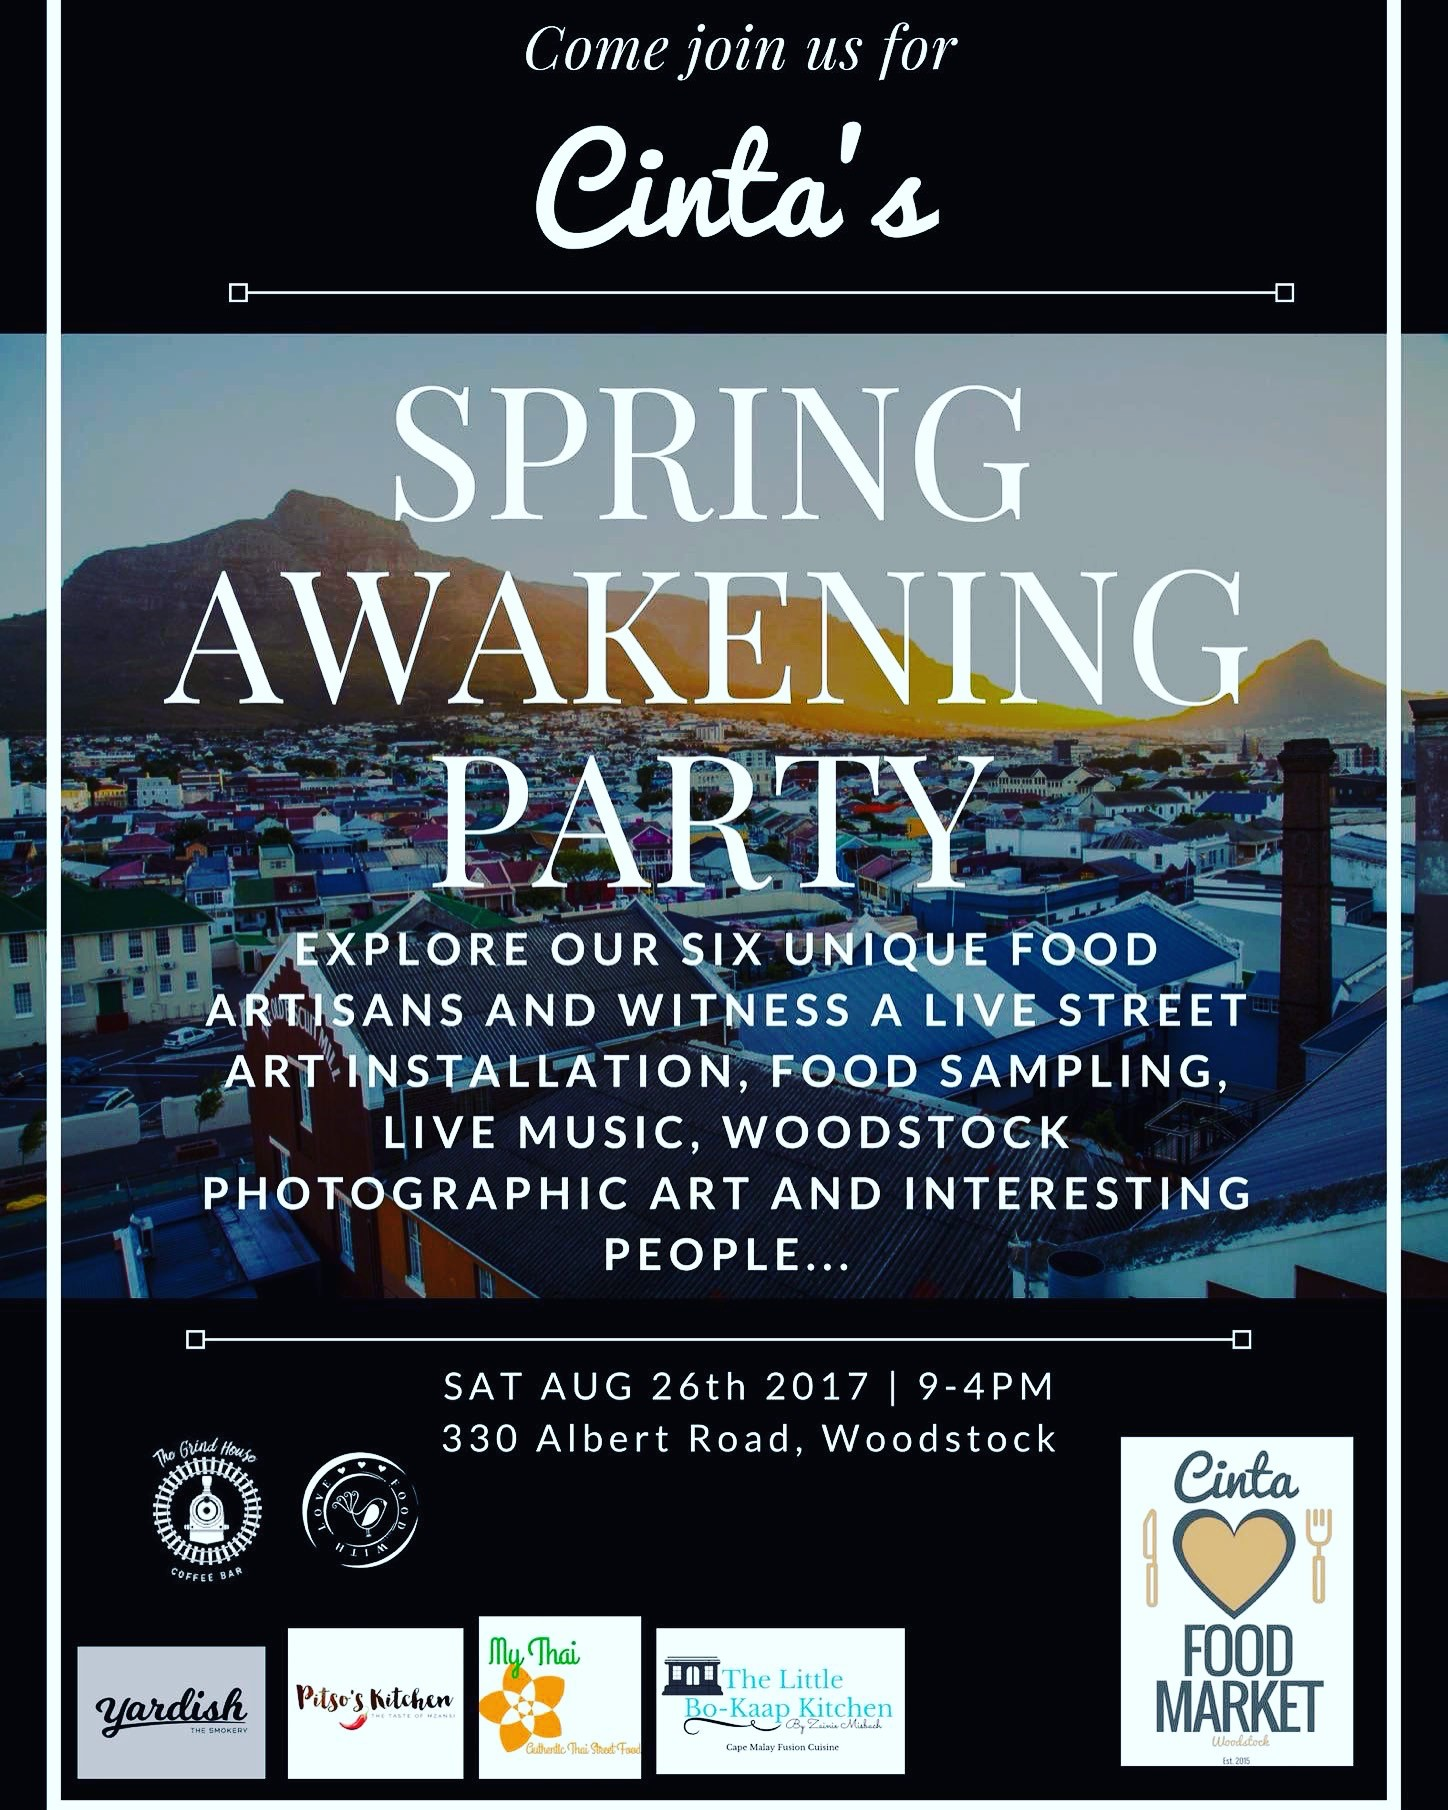 Cinta's Spring Awakening Party